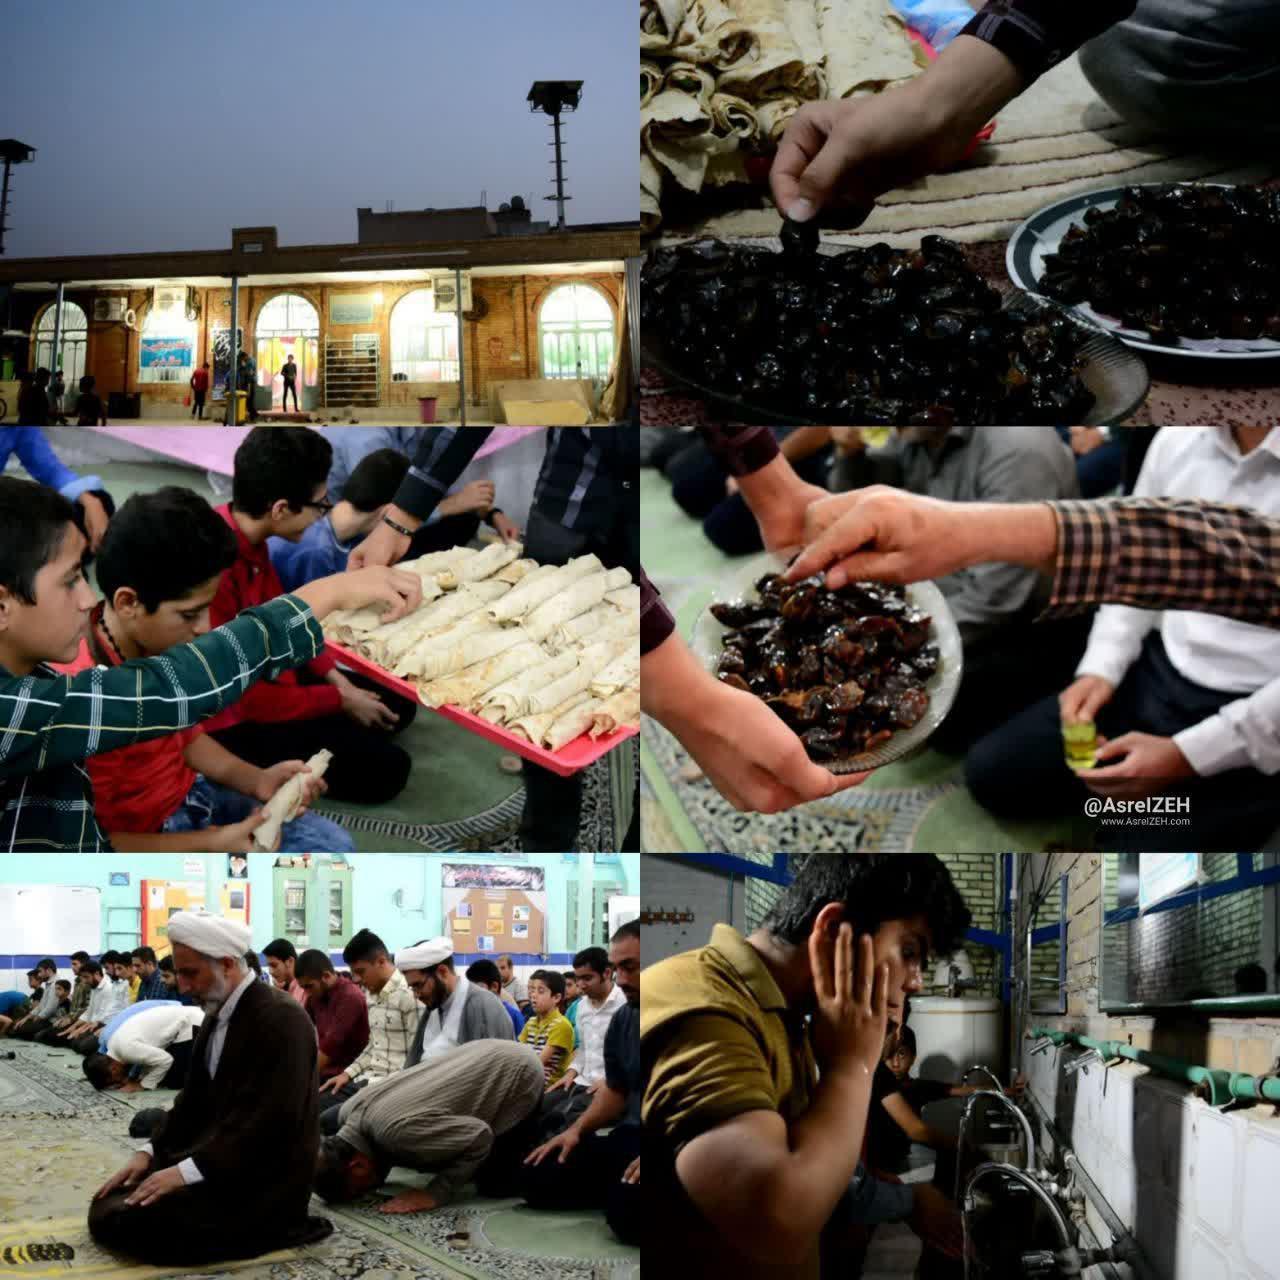 عکس/ حال هوای مساجد ایذه در ماه مبارک رمضان